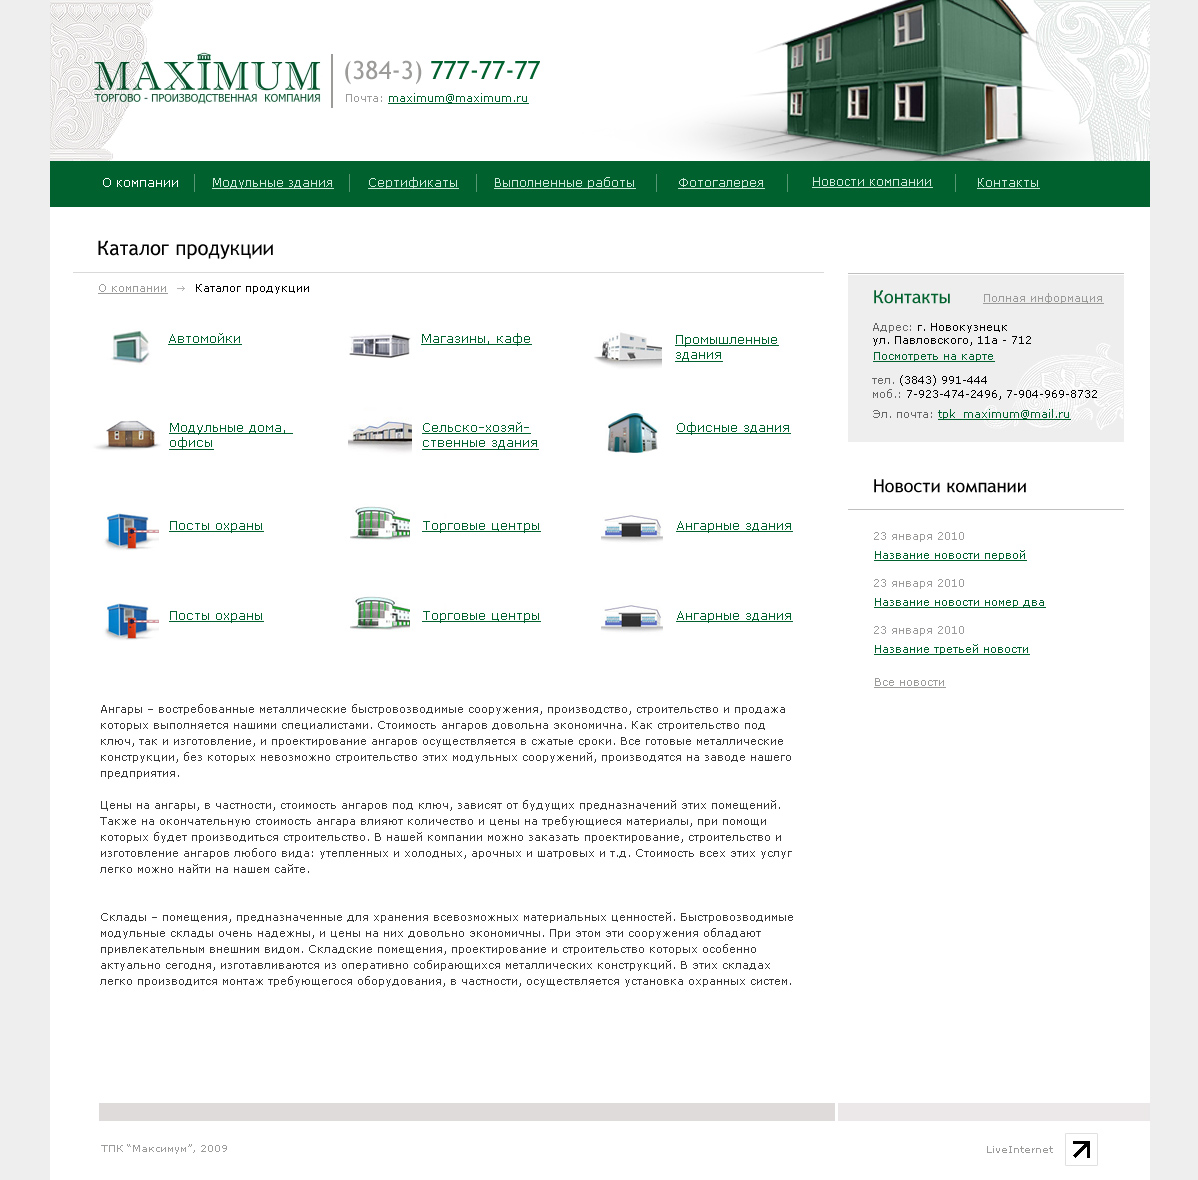 ТПК Максимум - вариант 2